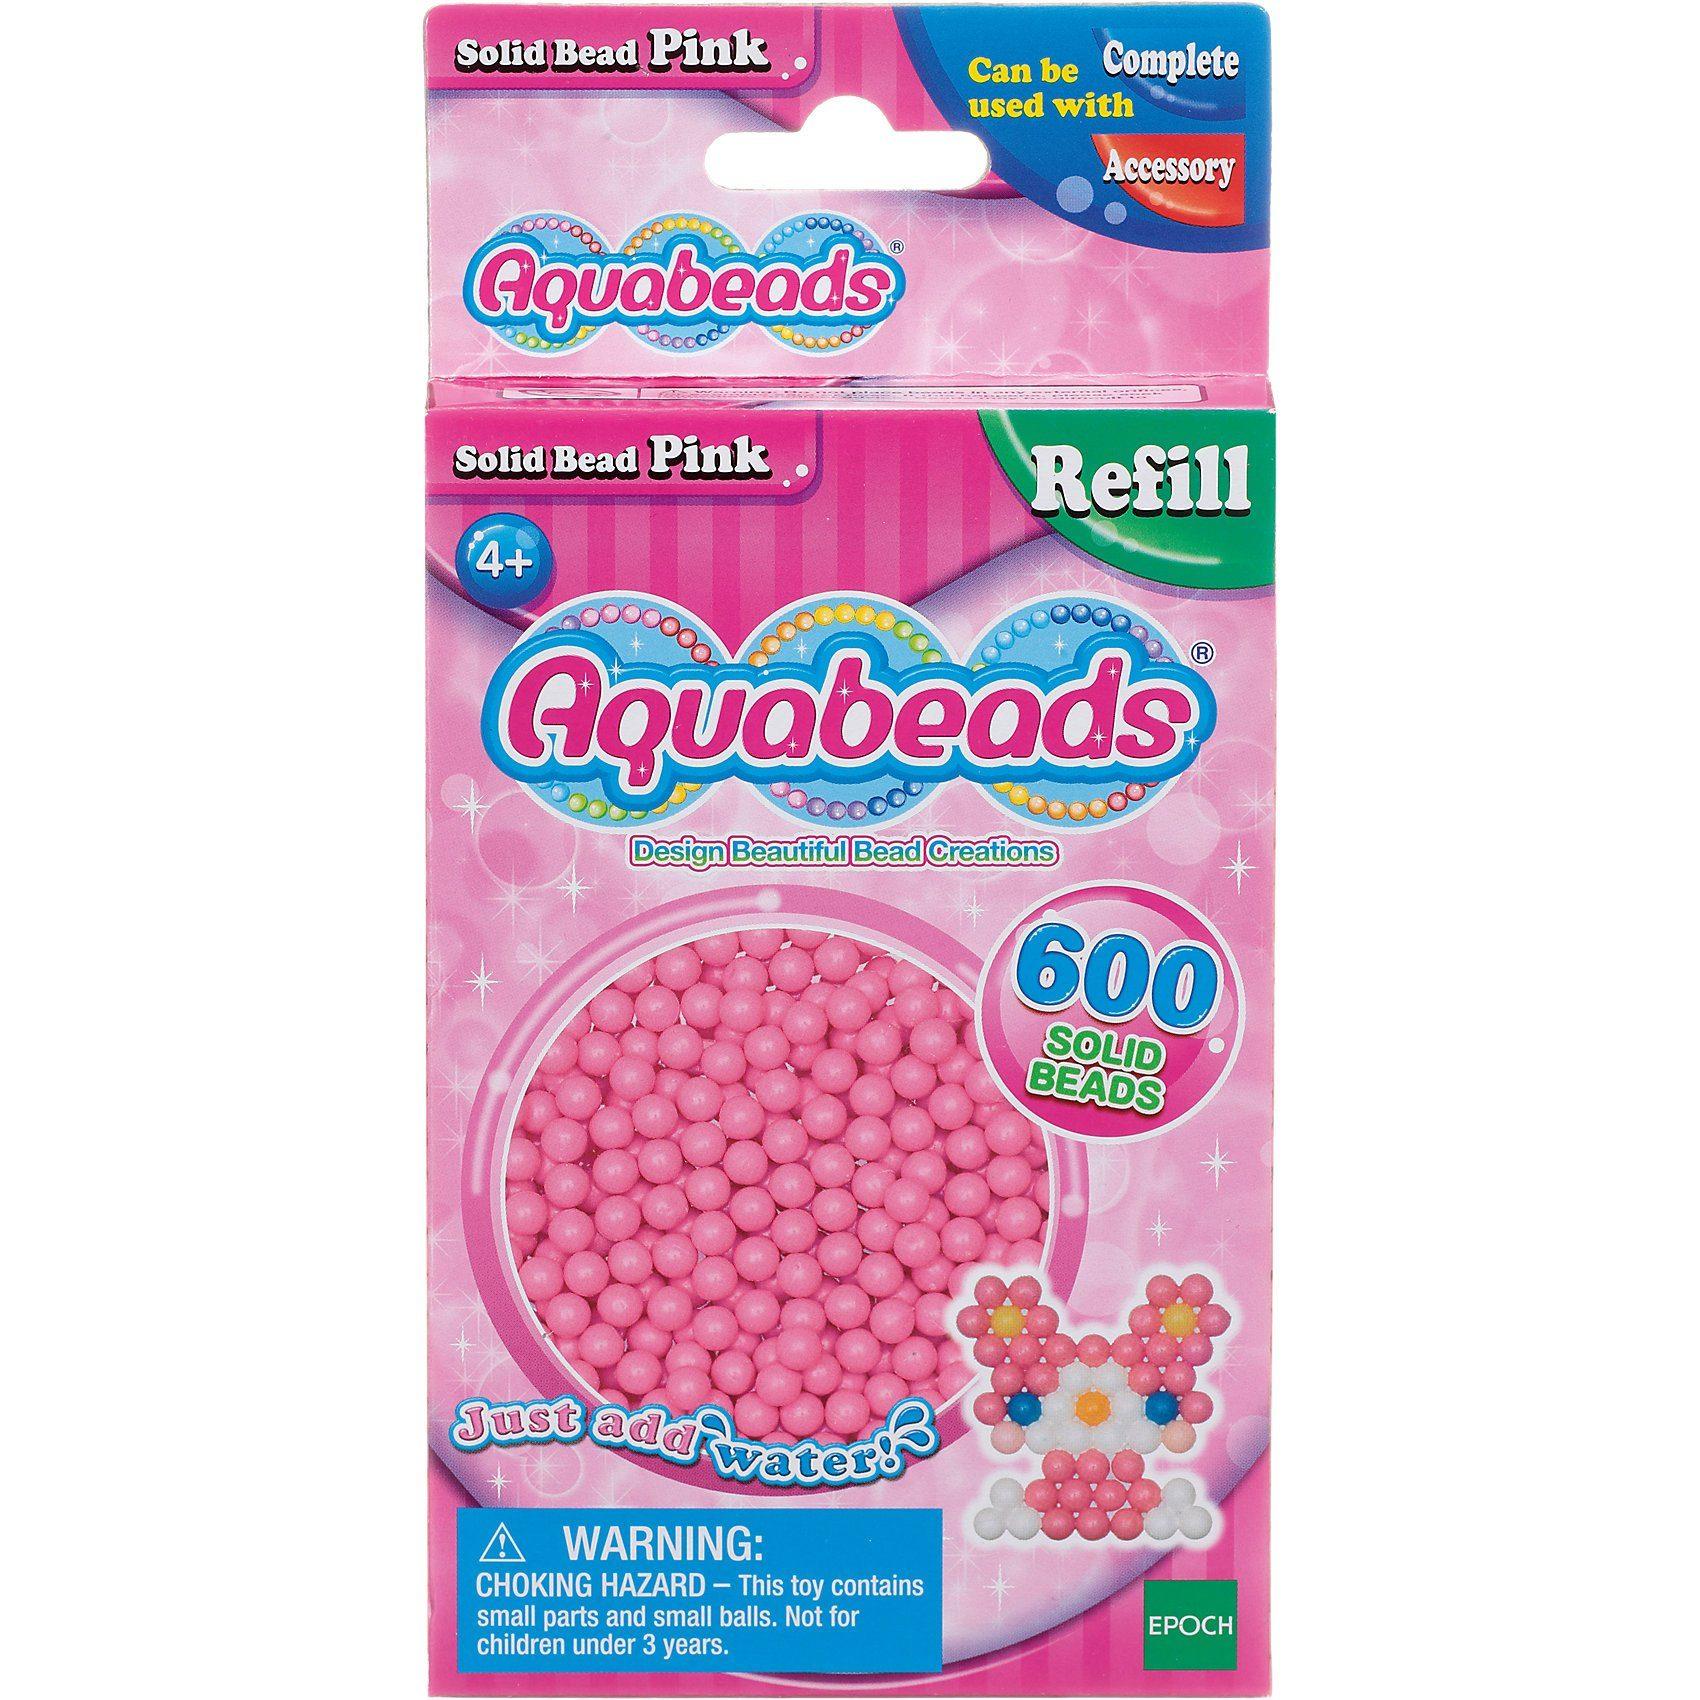 Epoch Traumwiesen Aquabeads Nachfüllpack Pinke Perlen